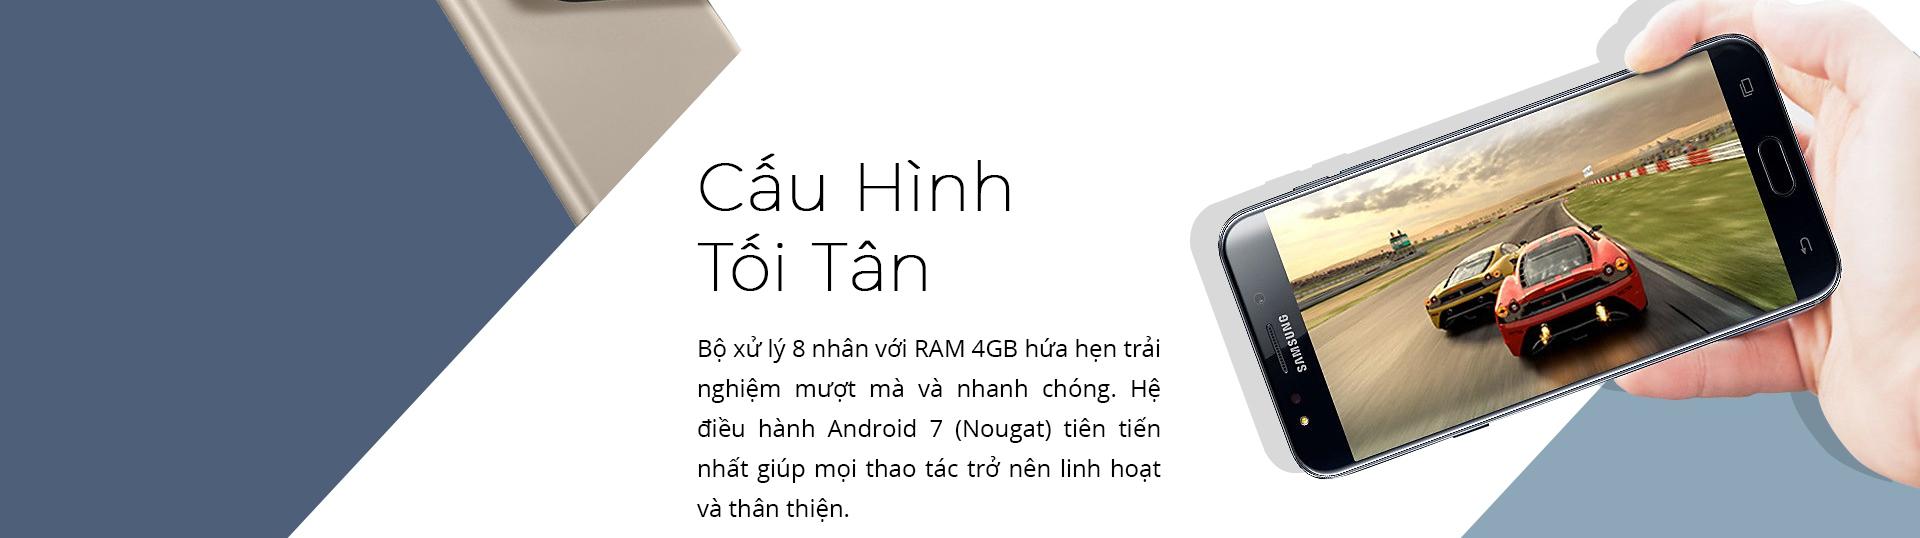 www.123nhanh.com: Ra mắt Pre-order Galaxy J7+ Đặt trước nhận nhiều ưu đãi